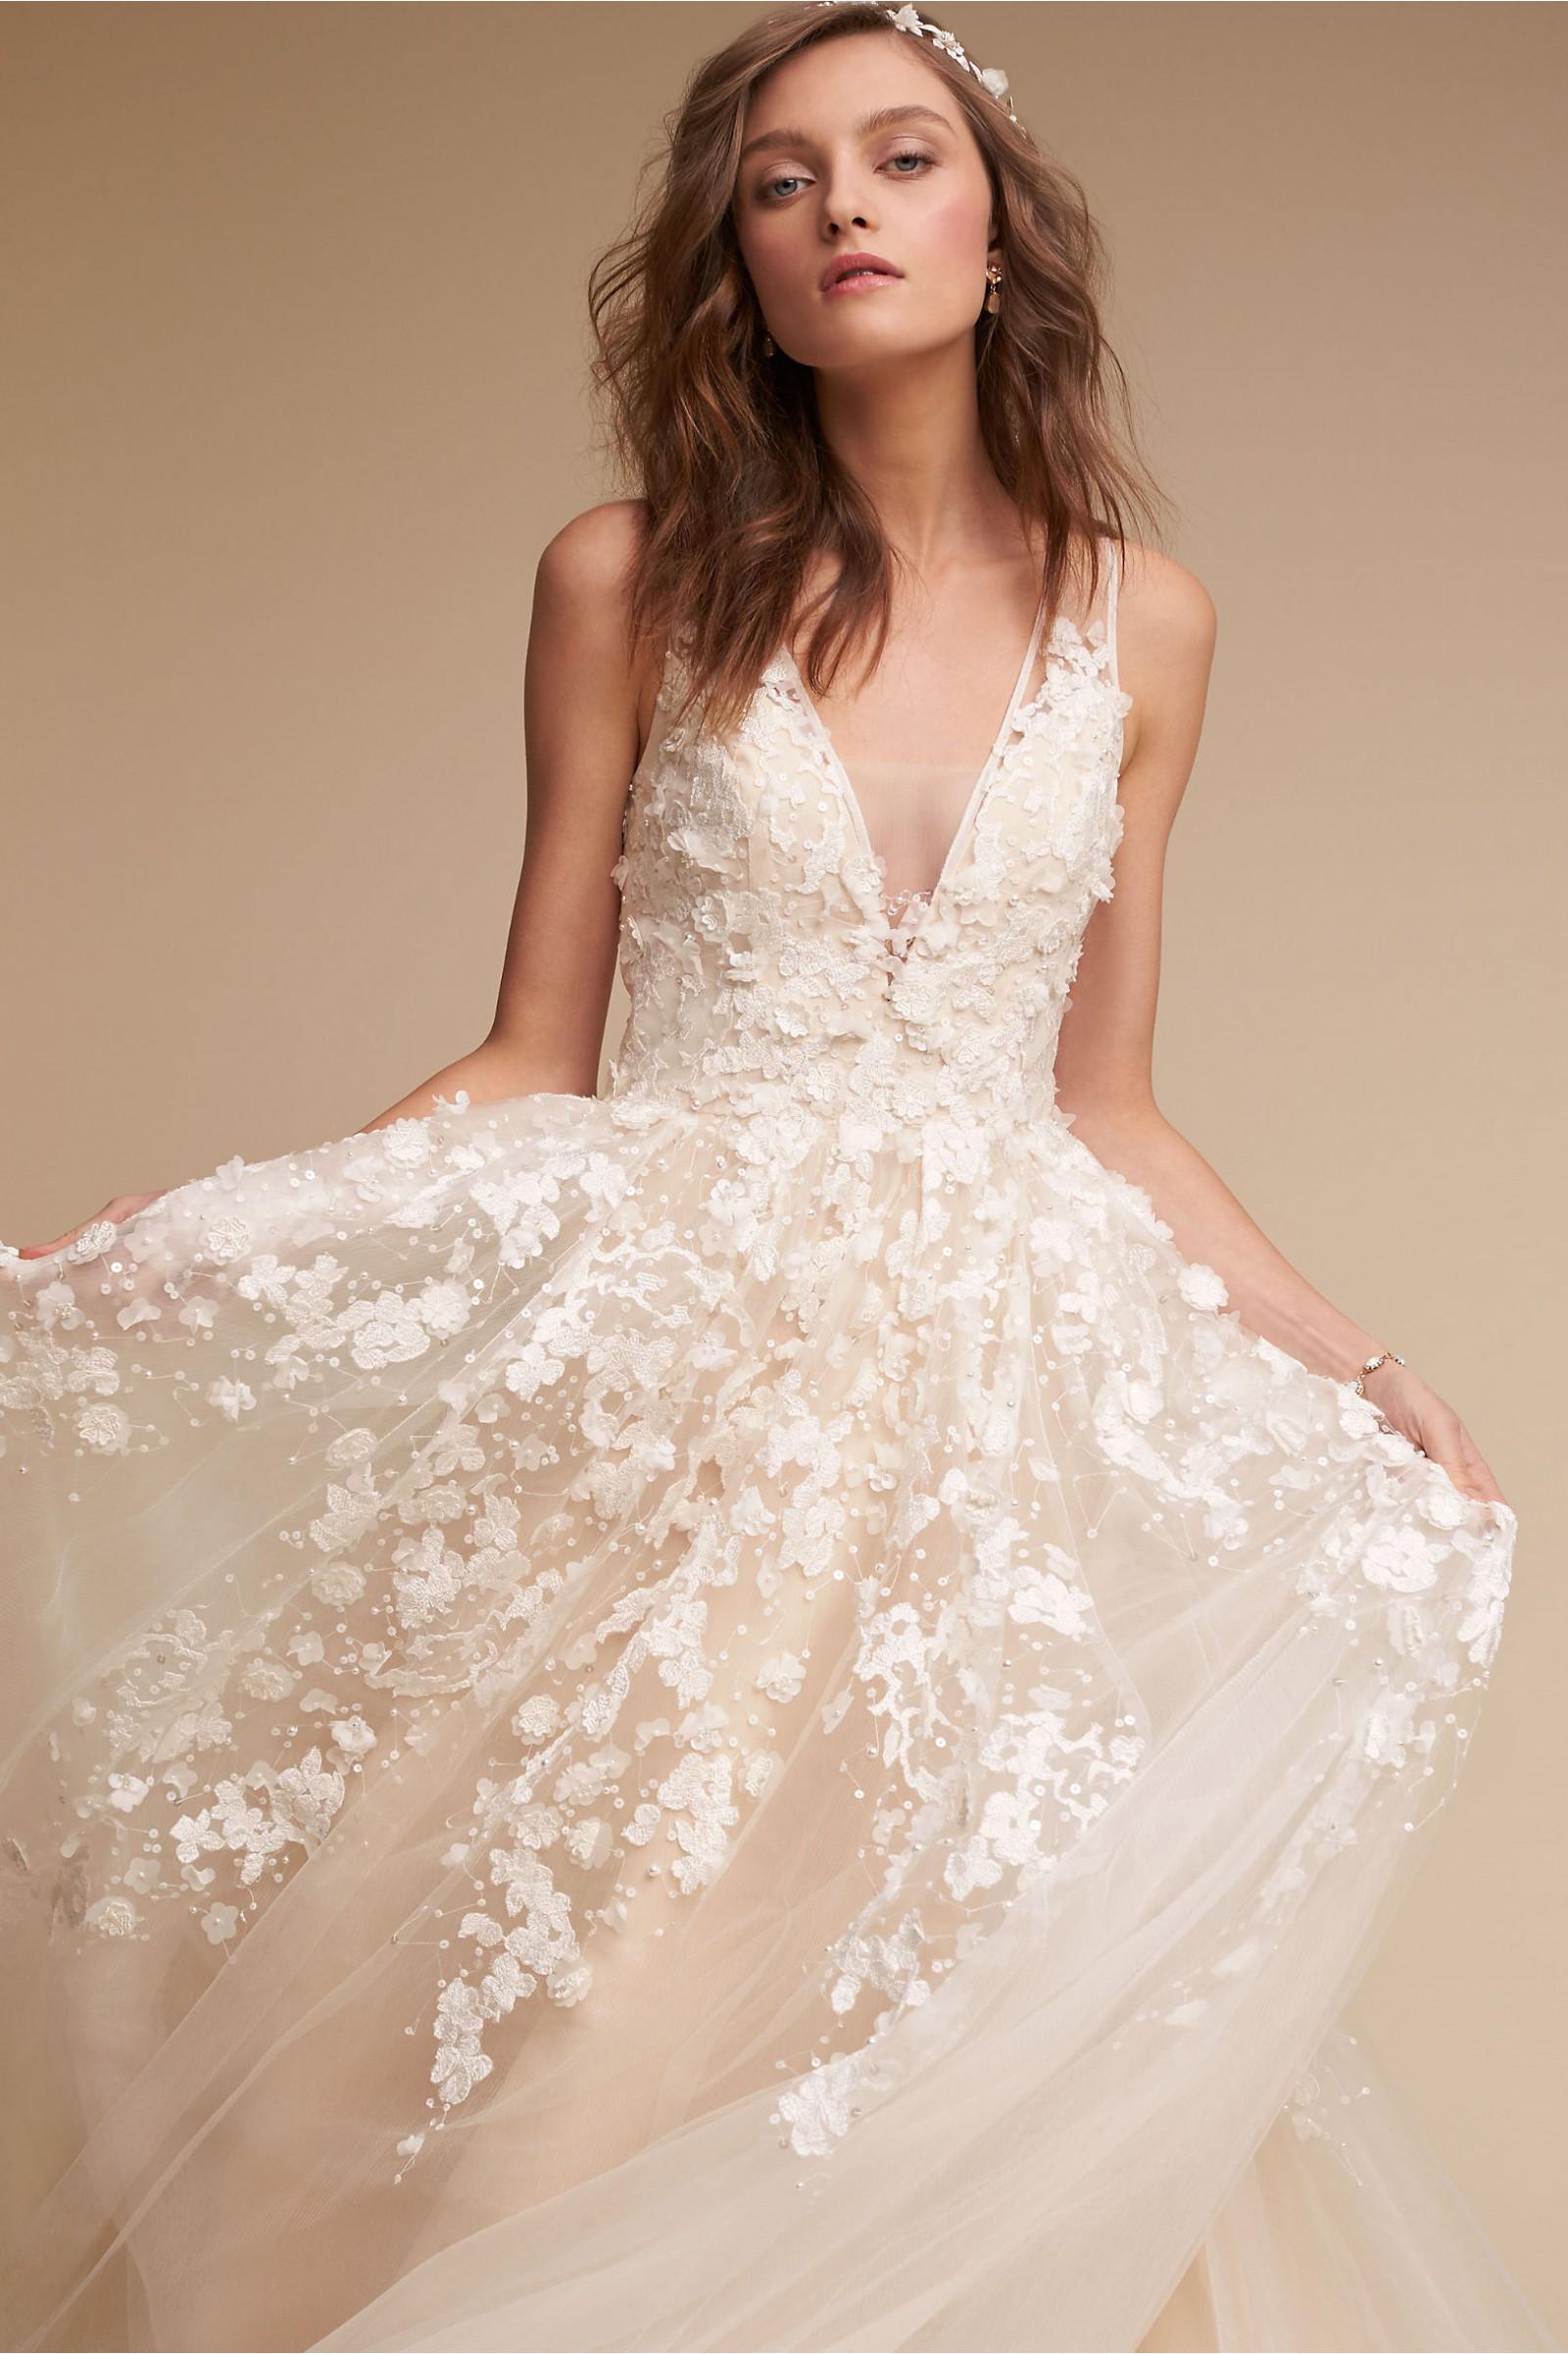 d31b8f7dd331 Bhldn Wedding Dresses Used - Wedding Dress & Decore Ideas